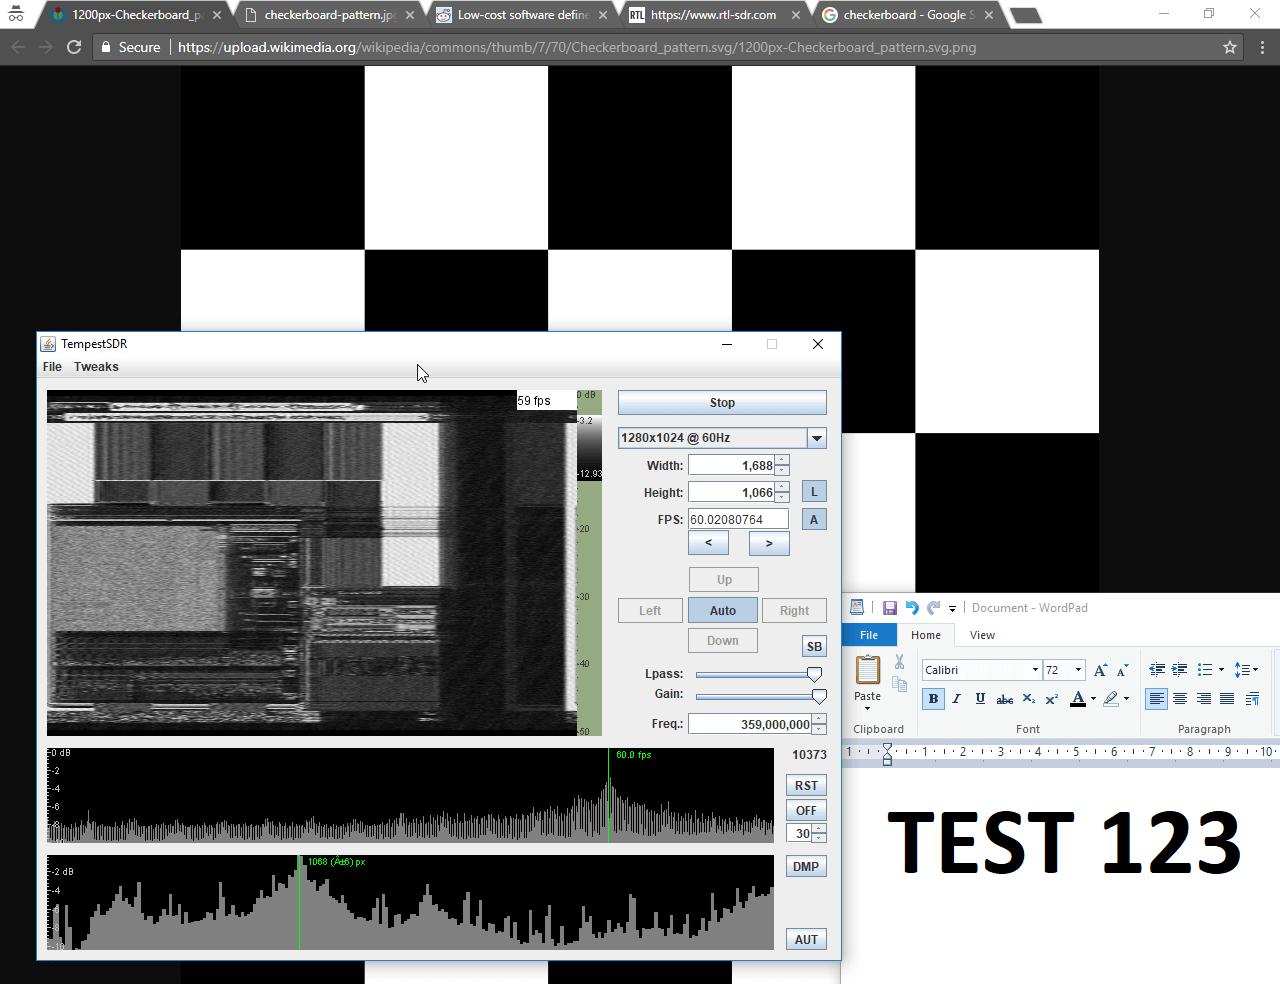 利用开源工具 TempestSDR 实现屏显内容远程窃取